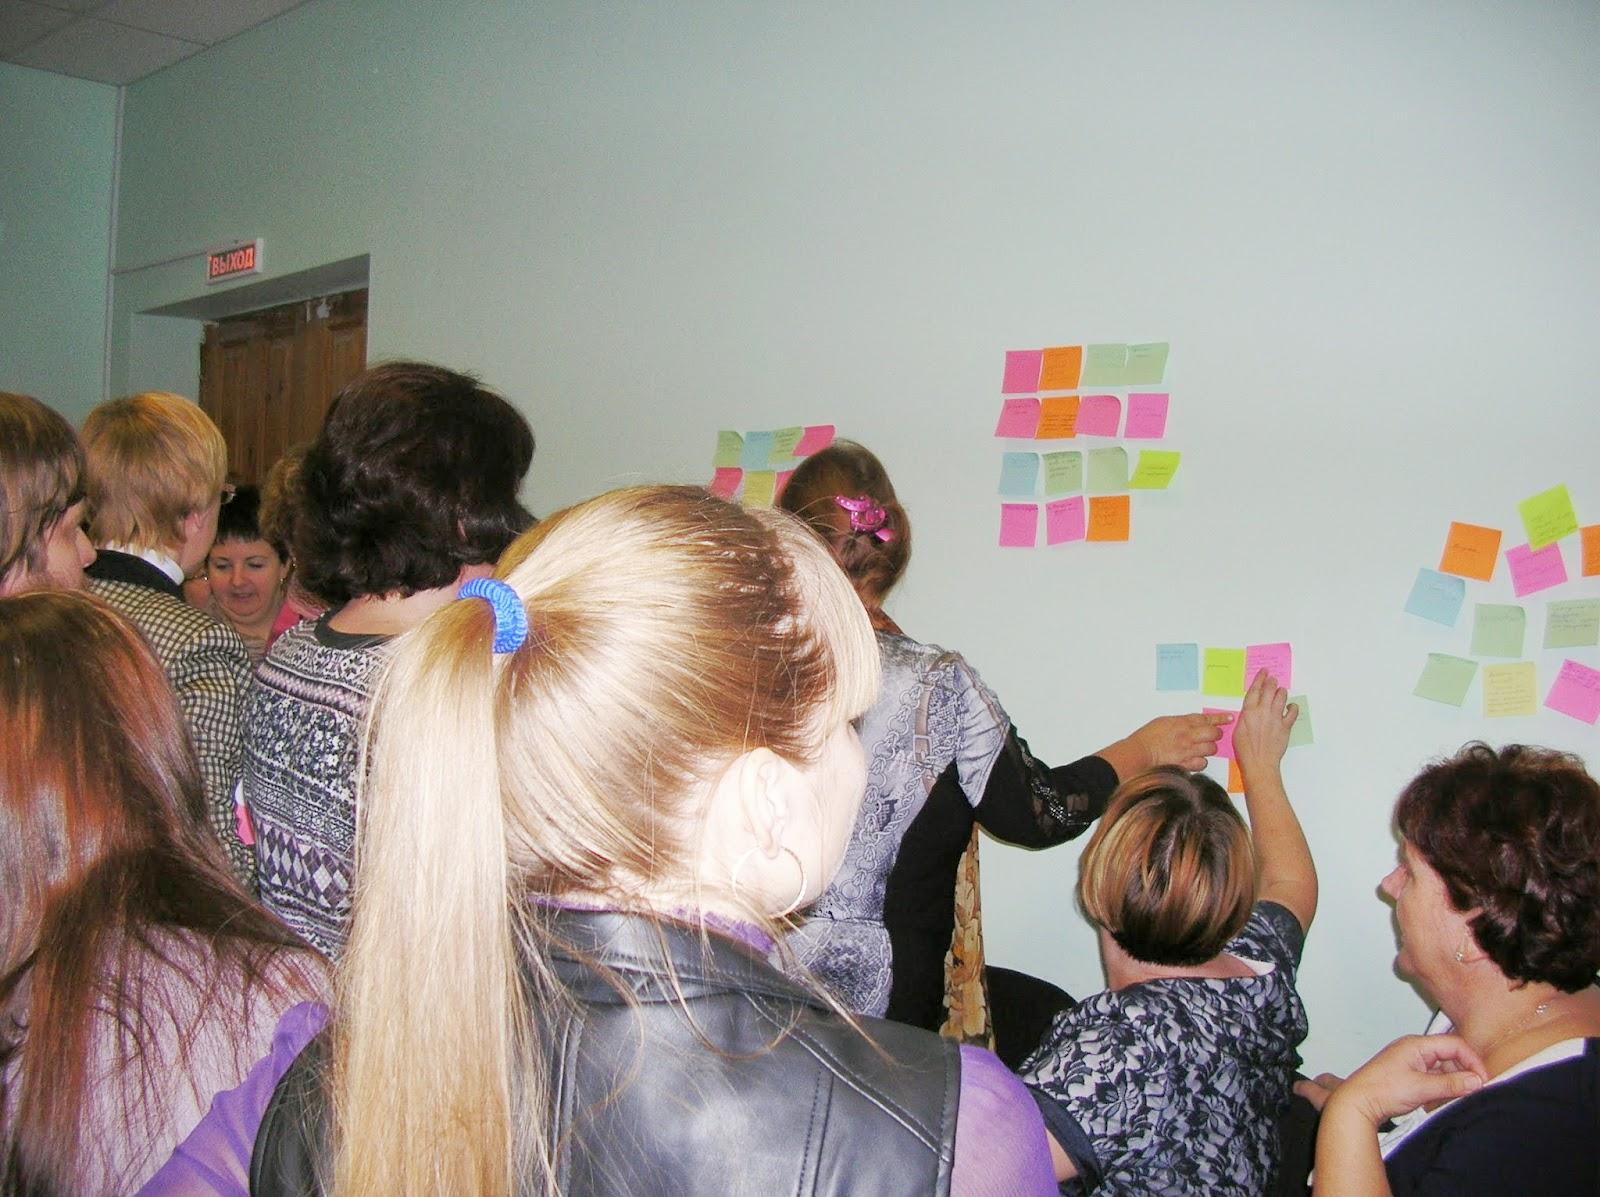 Тренинг в Воронцово: участники проводят мозговой штурм - делятся способами преодоления профессиональных стрессов